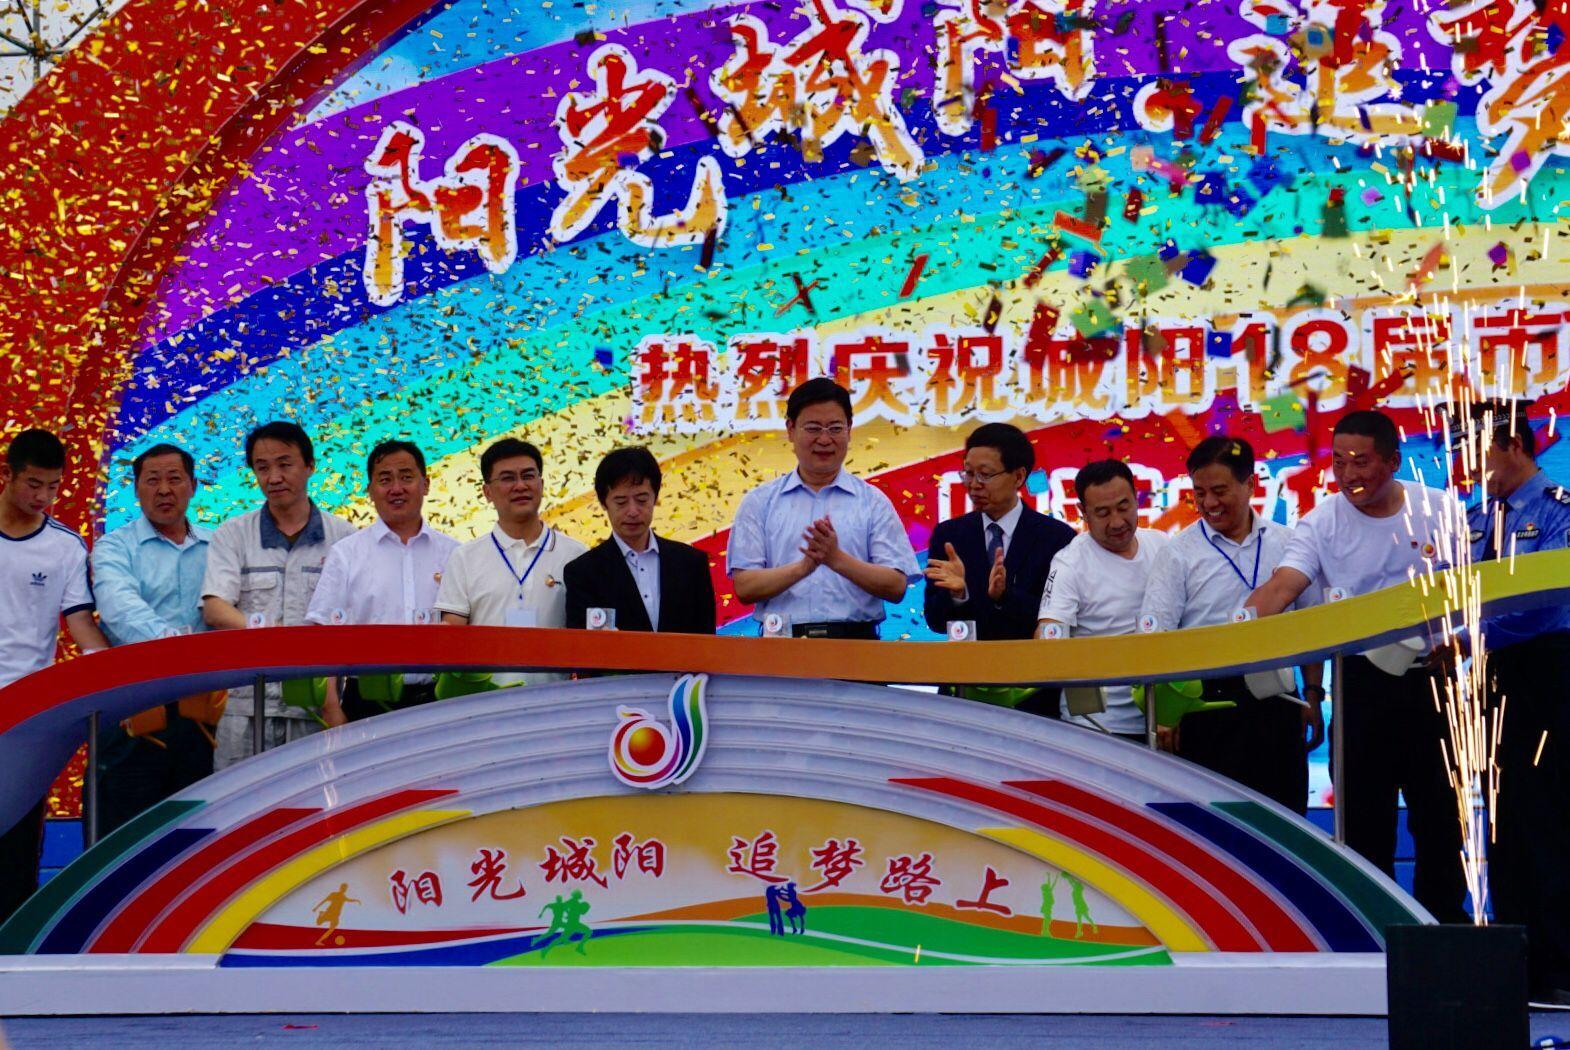 【58同城】青岛城阳天泰城广告气球_天泰城广告氢气球